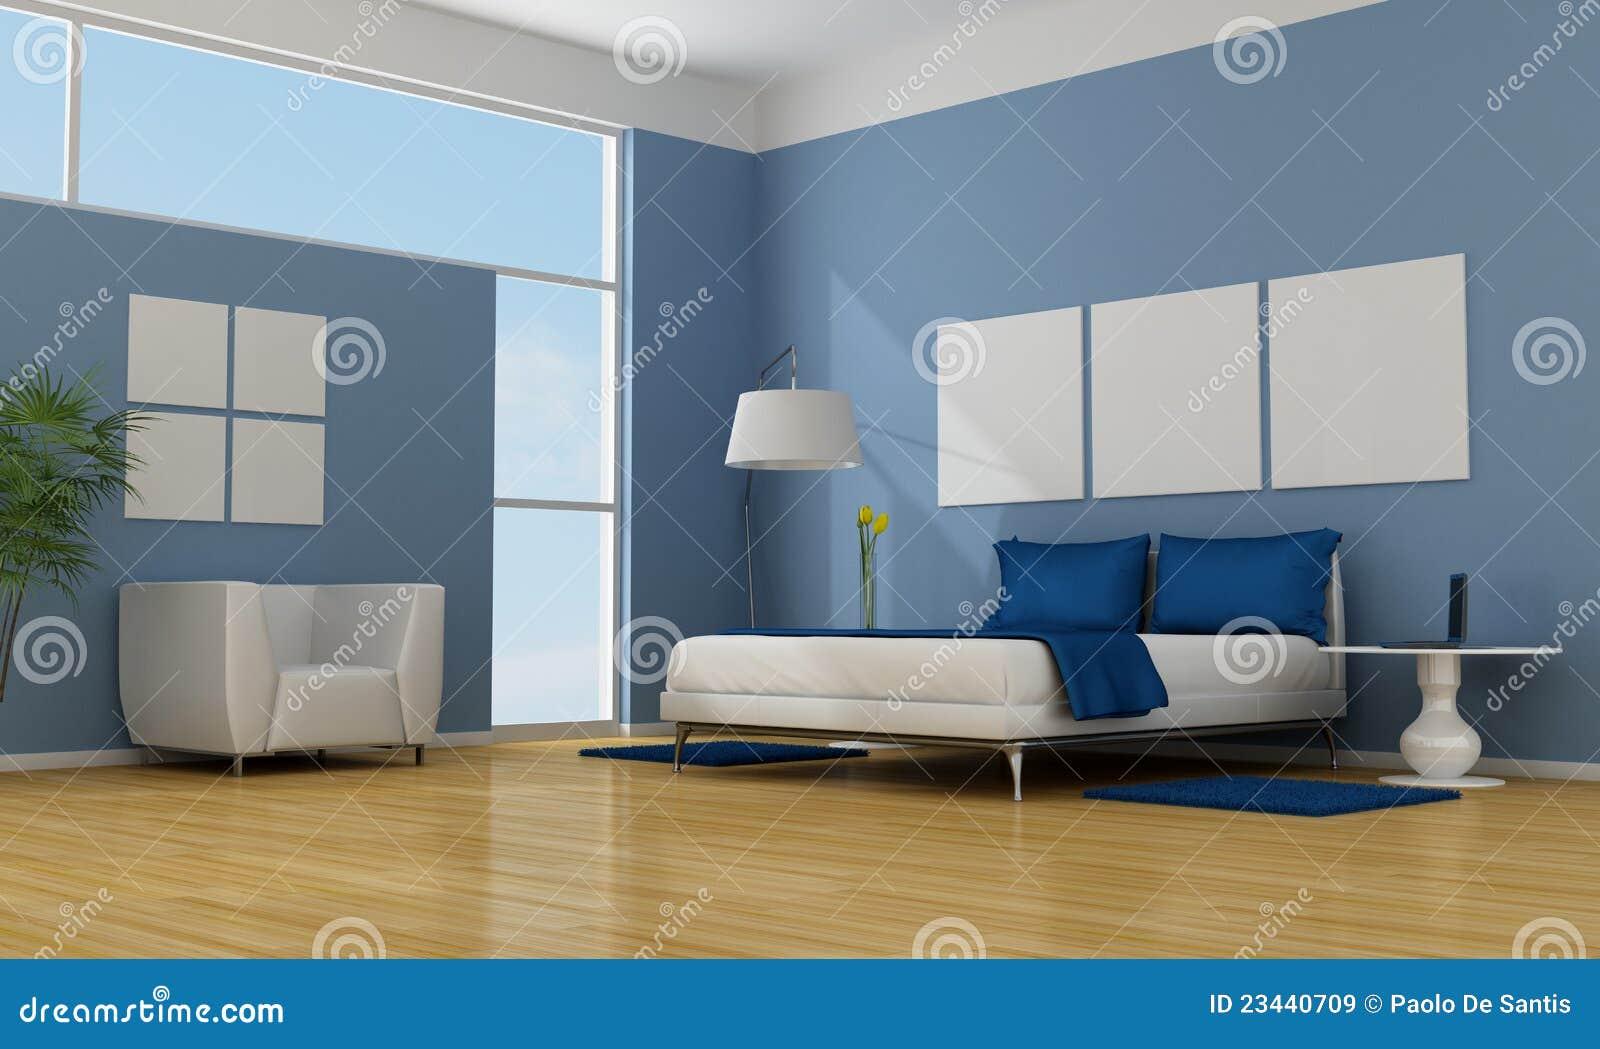 Blauwe slaapkamer stock illustratie afbeelding bestaande uit ontspan 23440709 - Eigentijdse stijl slaapkamer ...